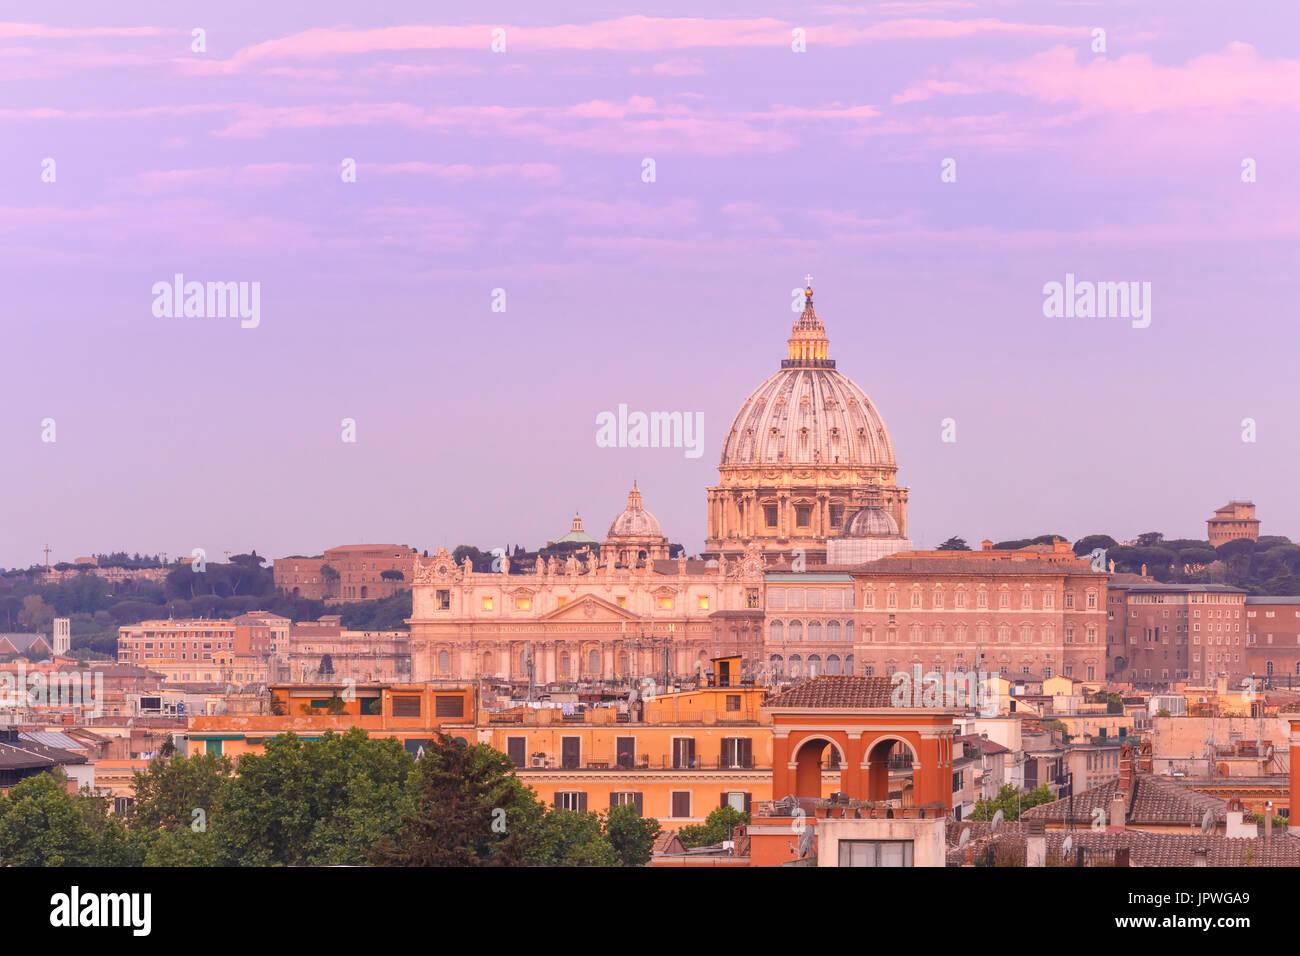 San Pietro Cattedrale al tramonto in Roma, Italia. Foto Stock